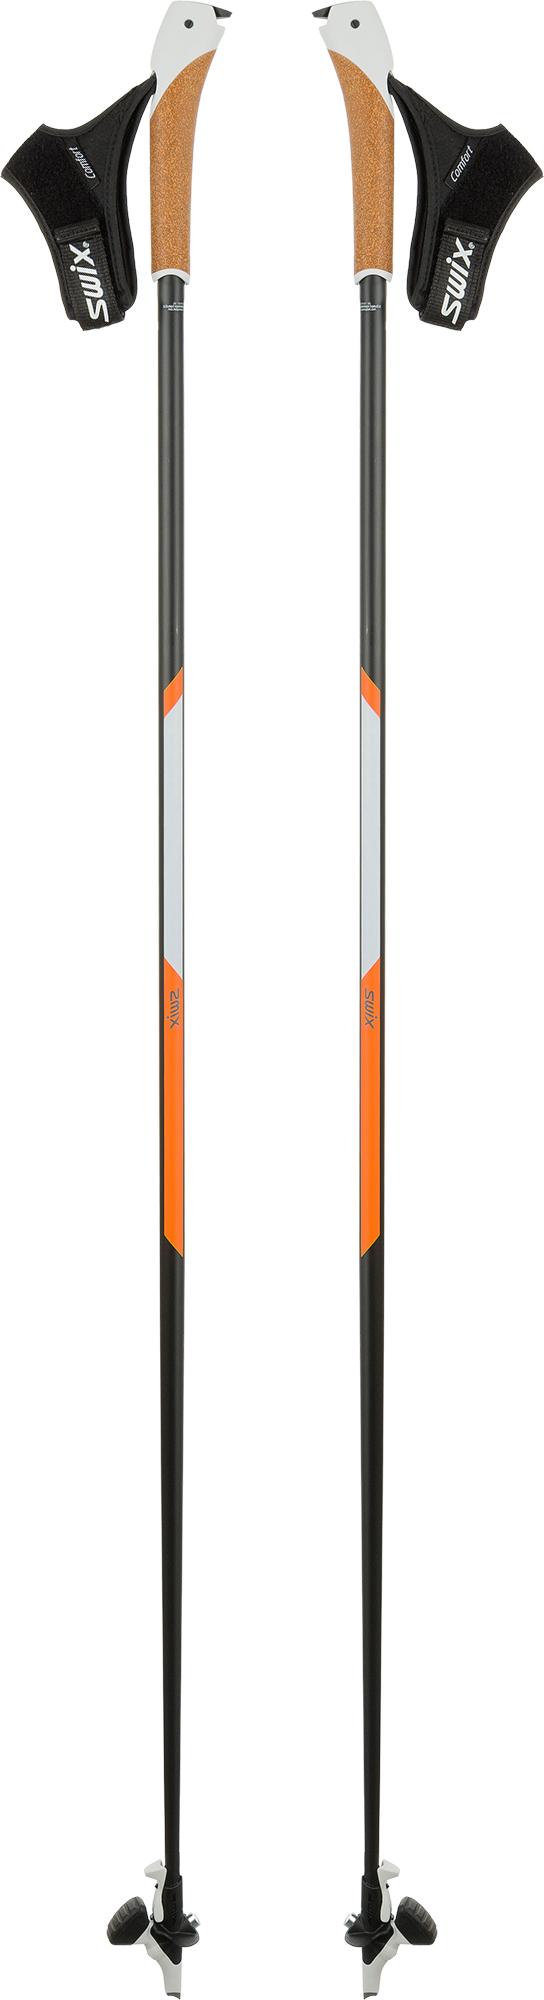 Swix Палки для скандинавской ходьбы CT3 Twist&Go